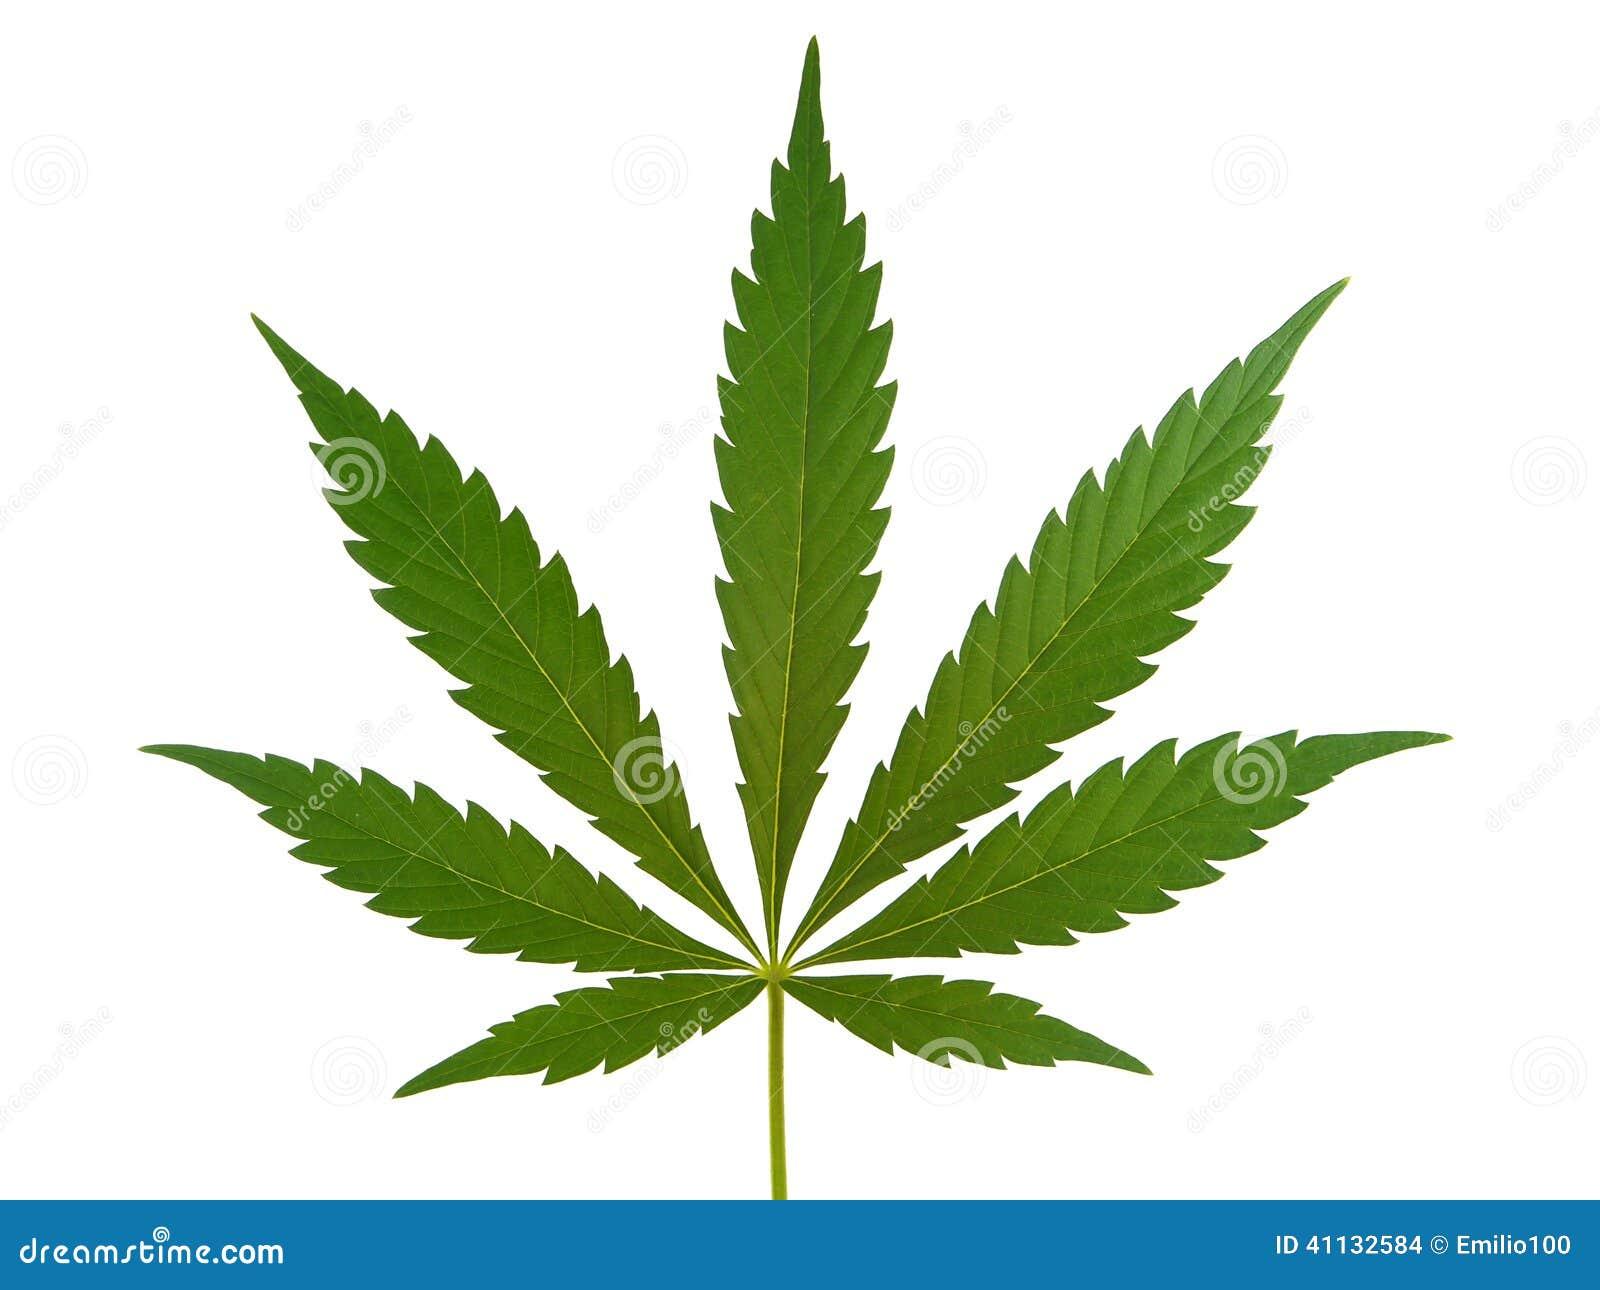 Лист конопли в картинках смотреть комедии про марихуану